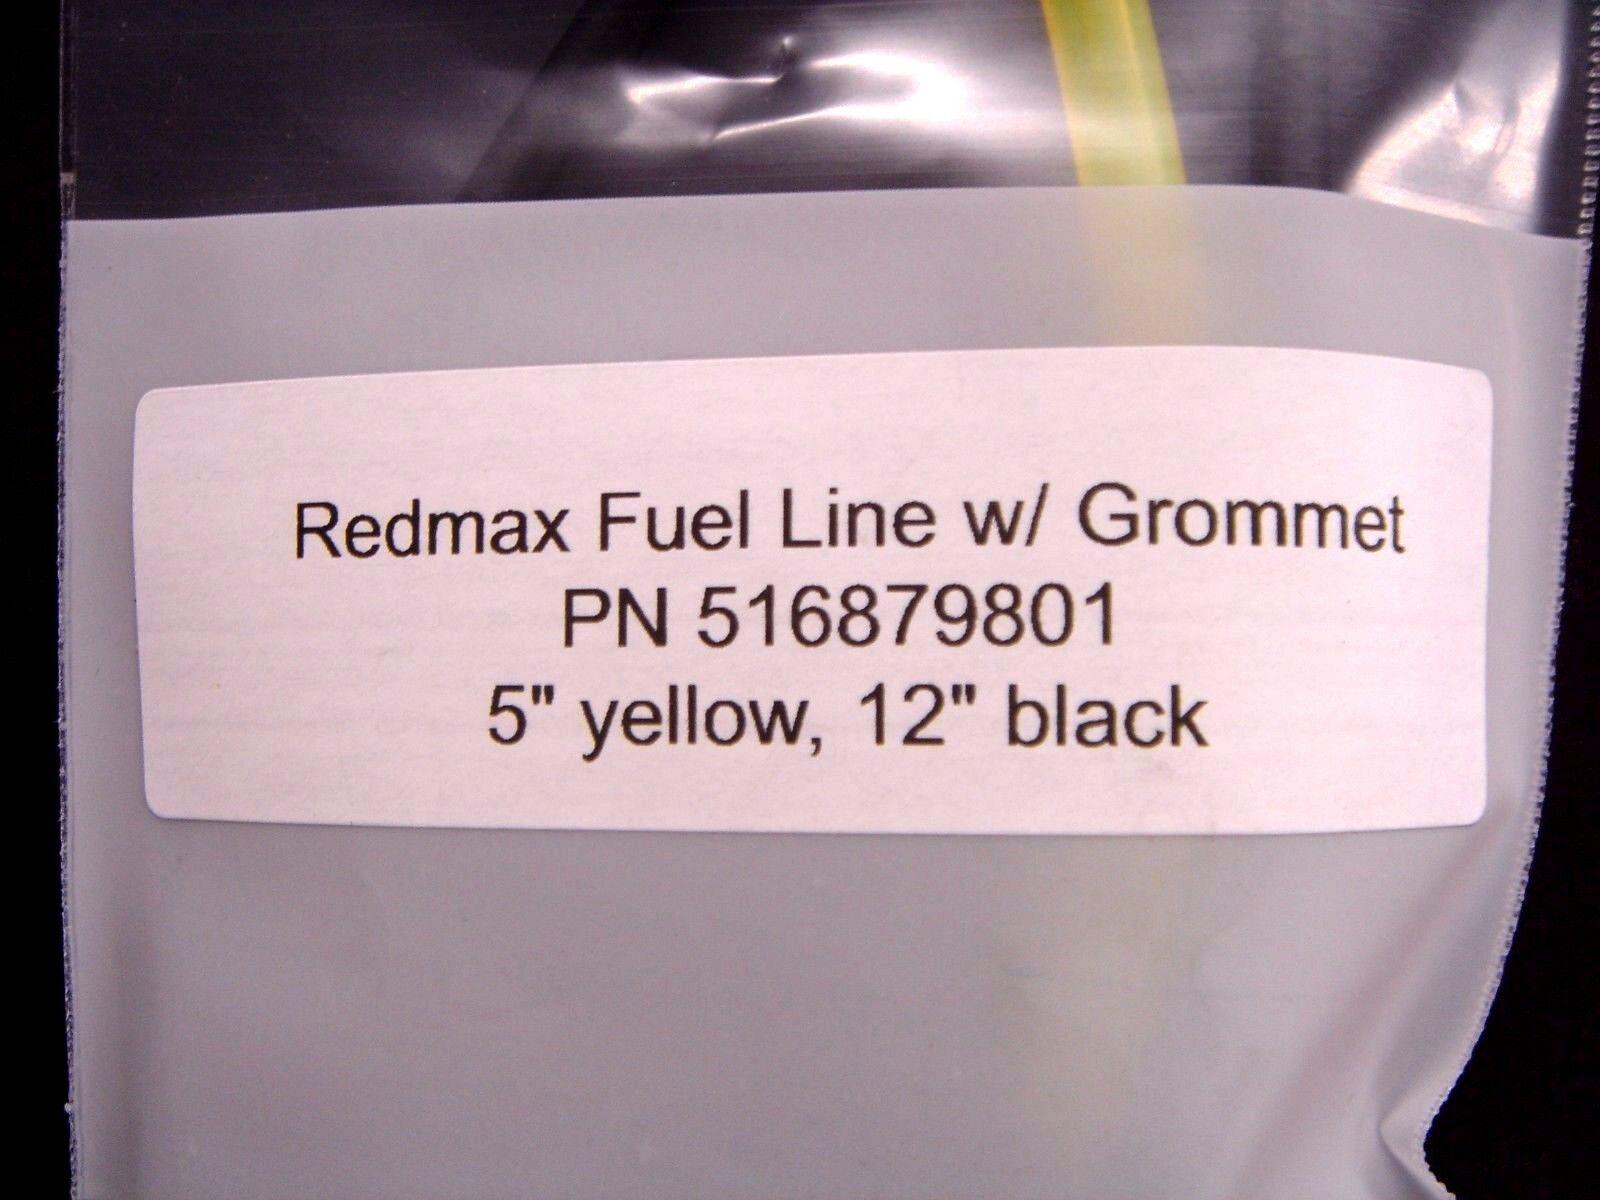 Redmax Oem Fuel Line Grommet Assy String Trimmer Leaf Blower Filter 516879801 Freeship Ebay